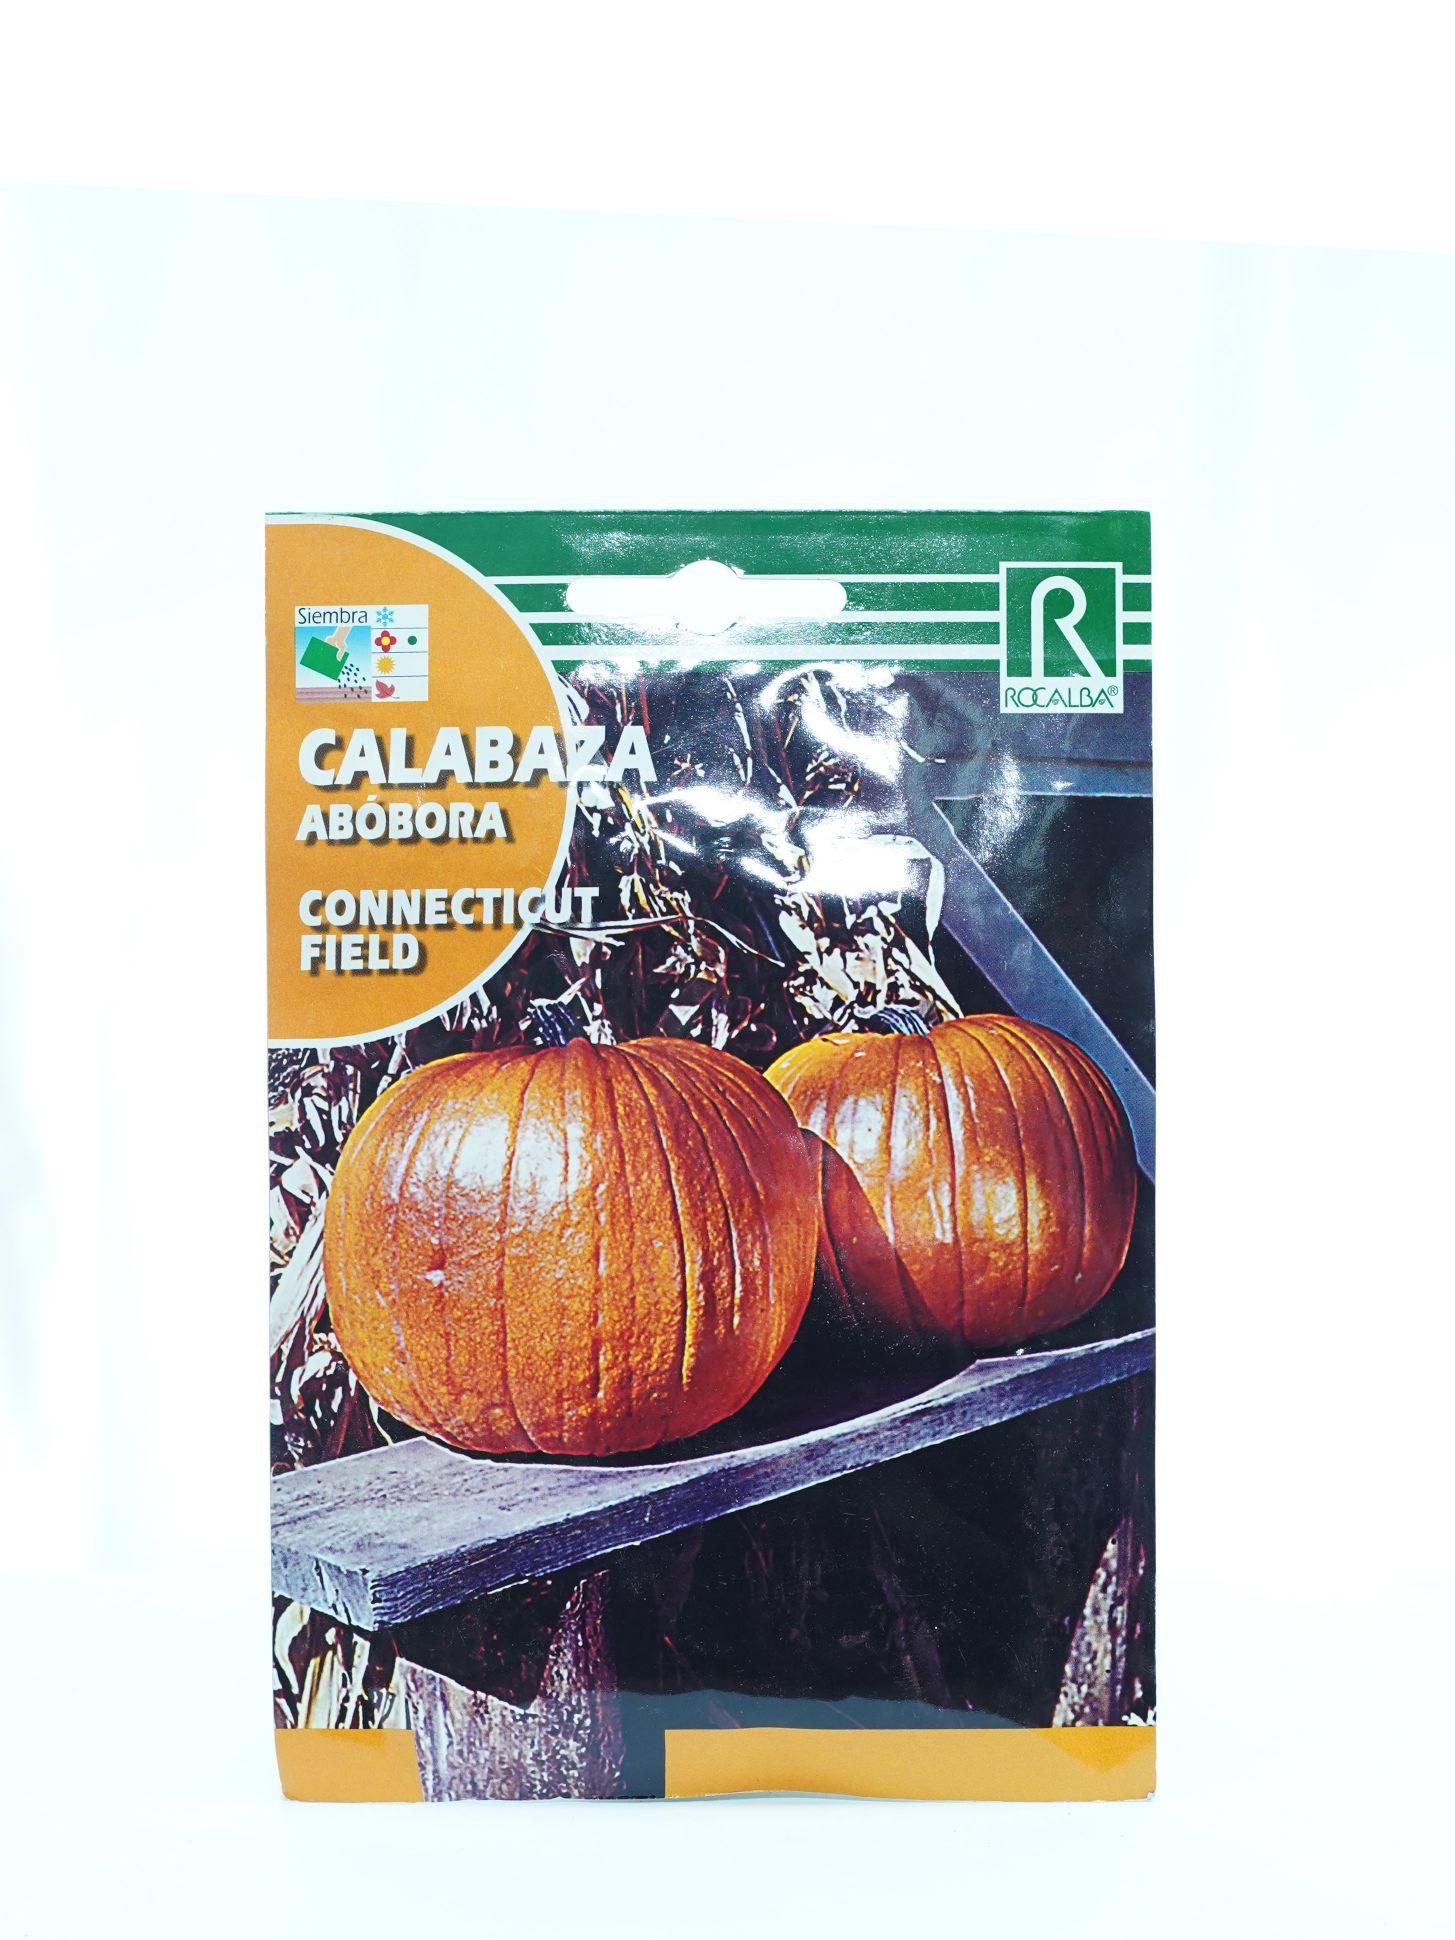 Rocalba Connecticut Field Pumpkin Seeds